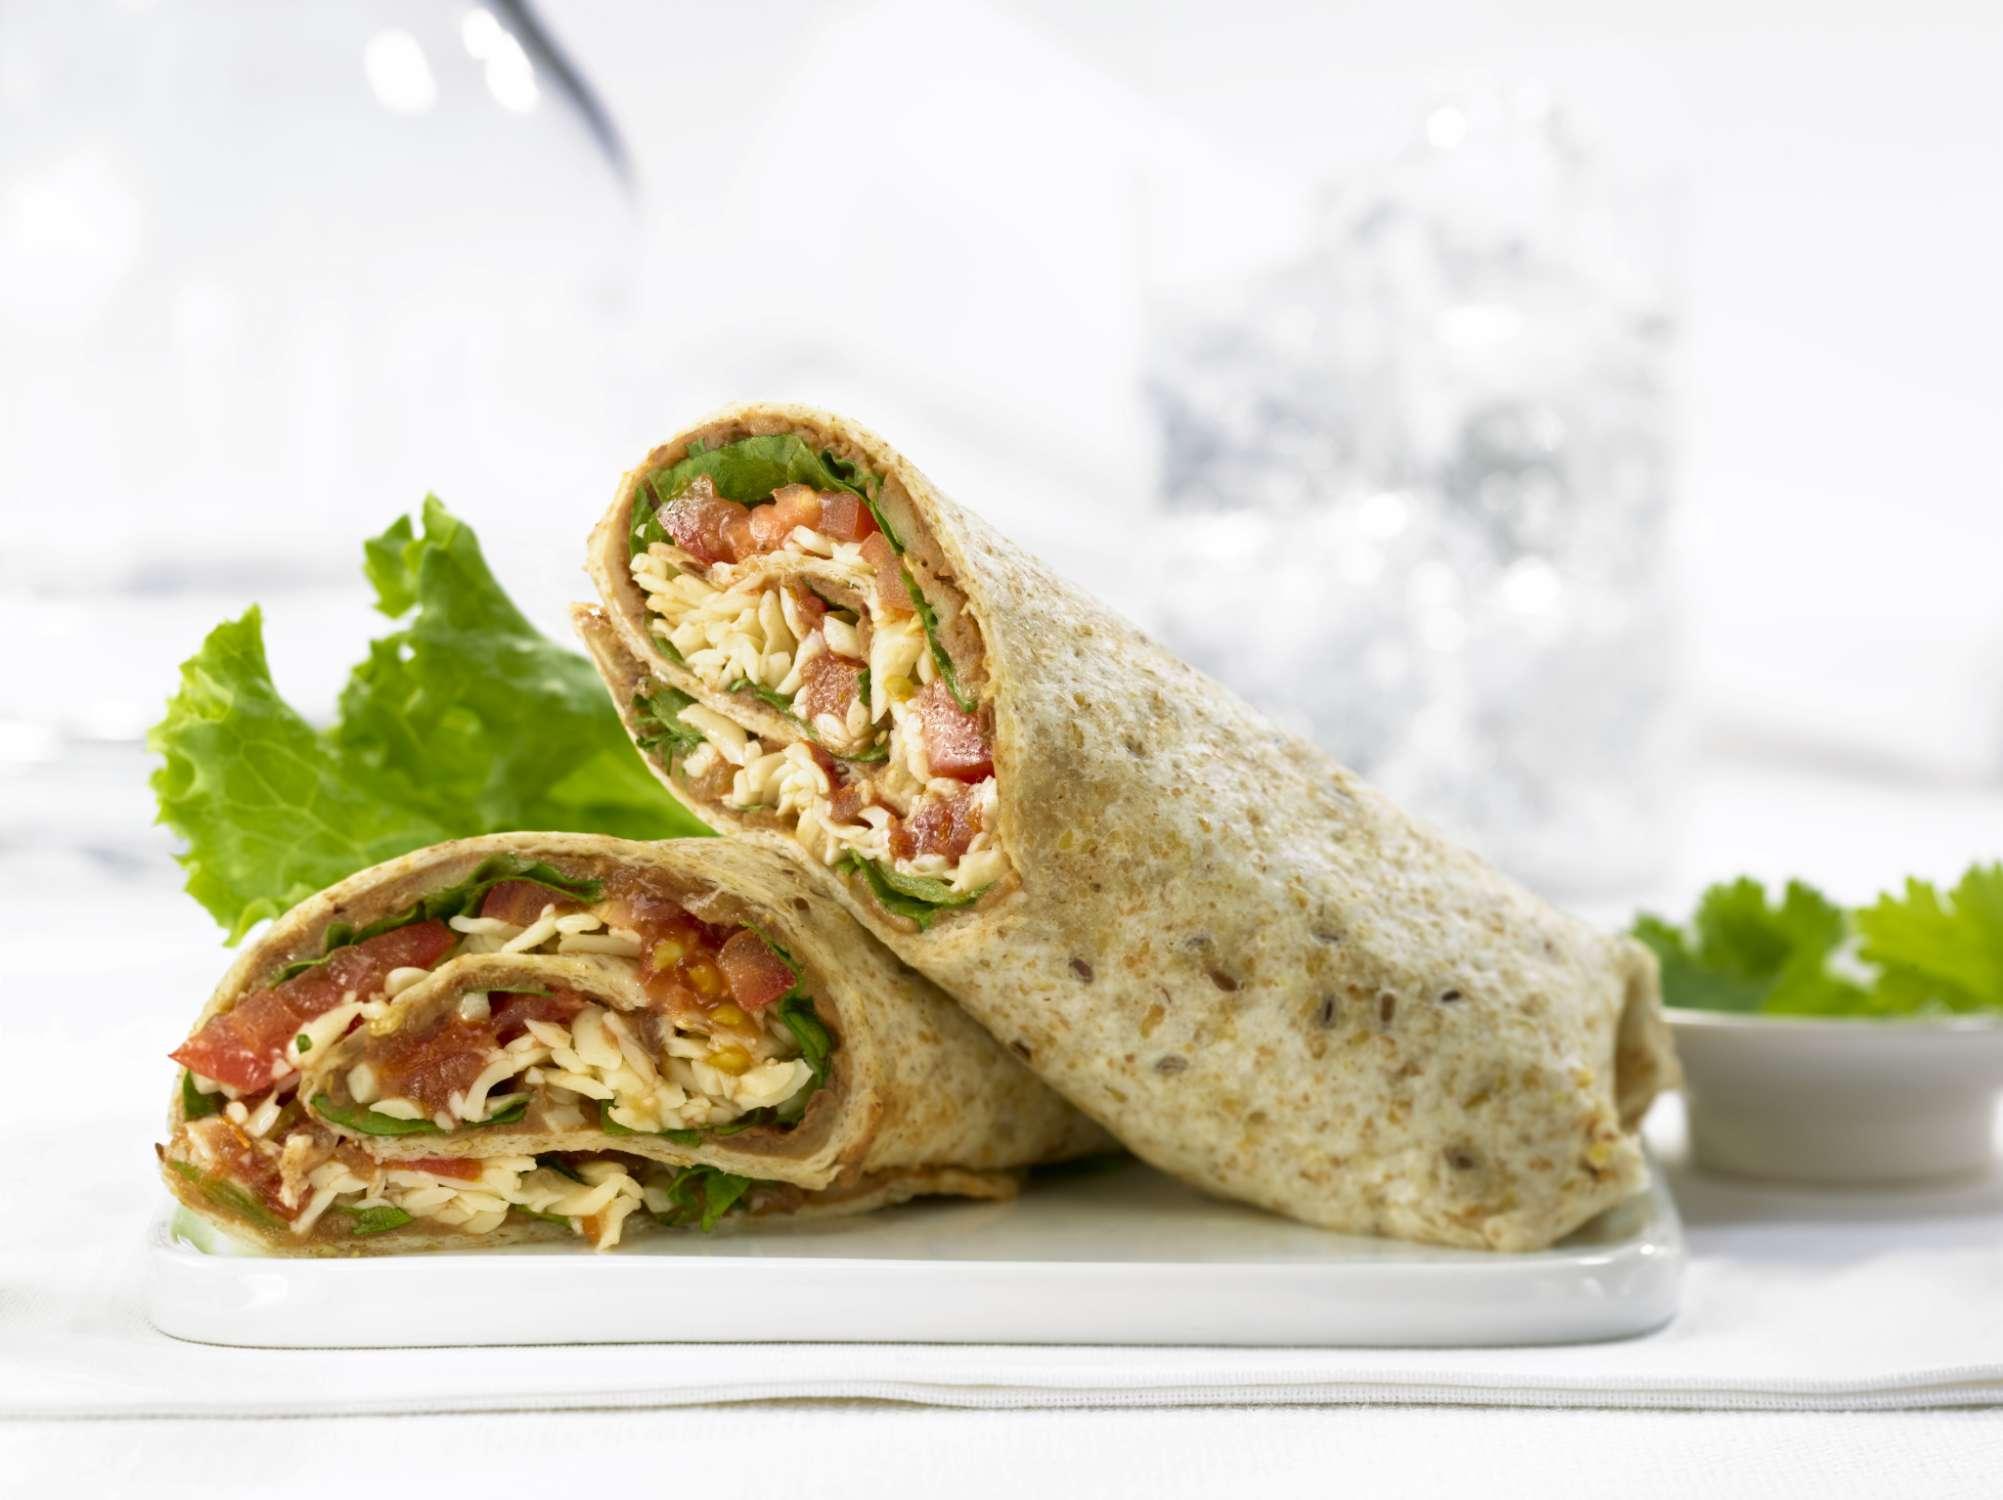 7 desayunos nutritivos y saludables tortilla de maiz con vegetales